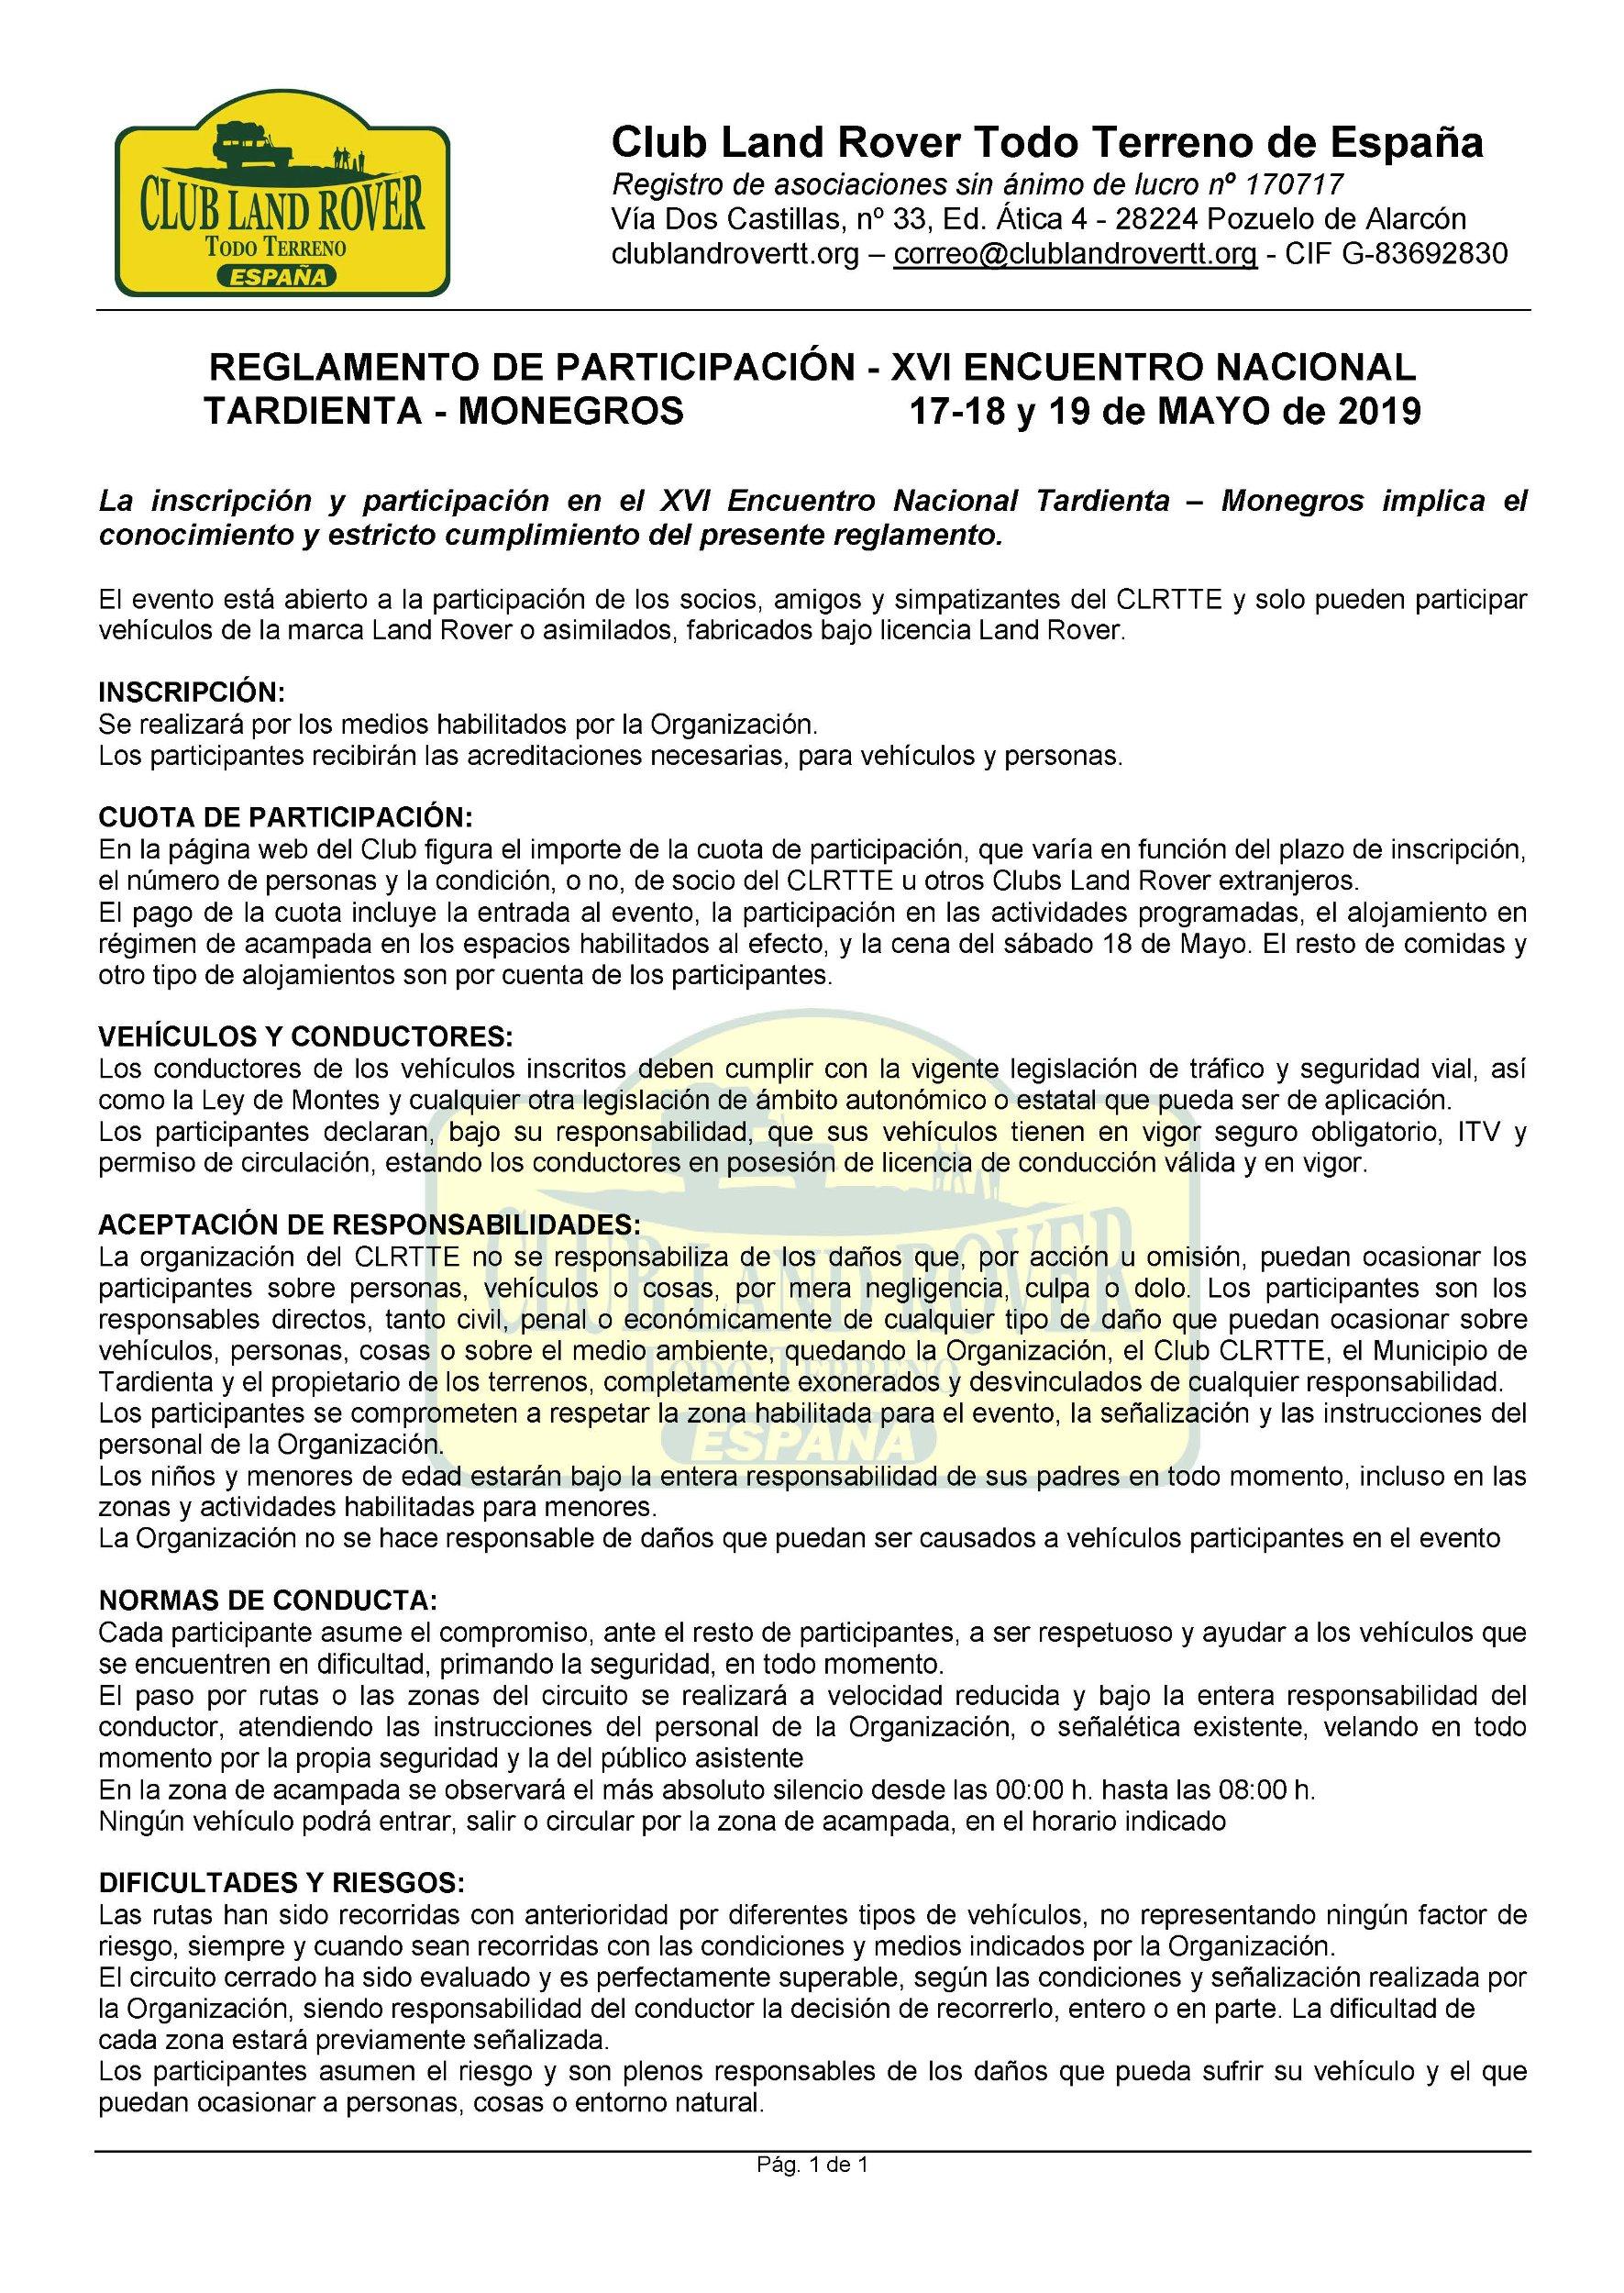 Reglamentoencuentro_Pgina_1.jpg